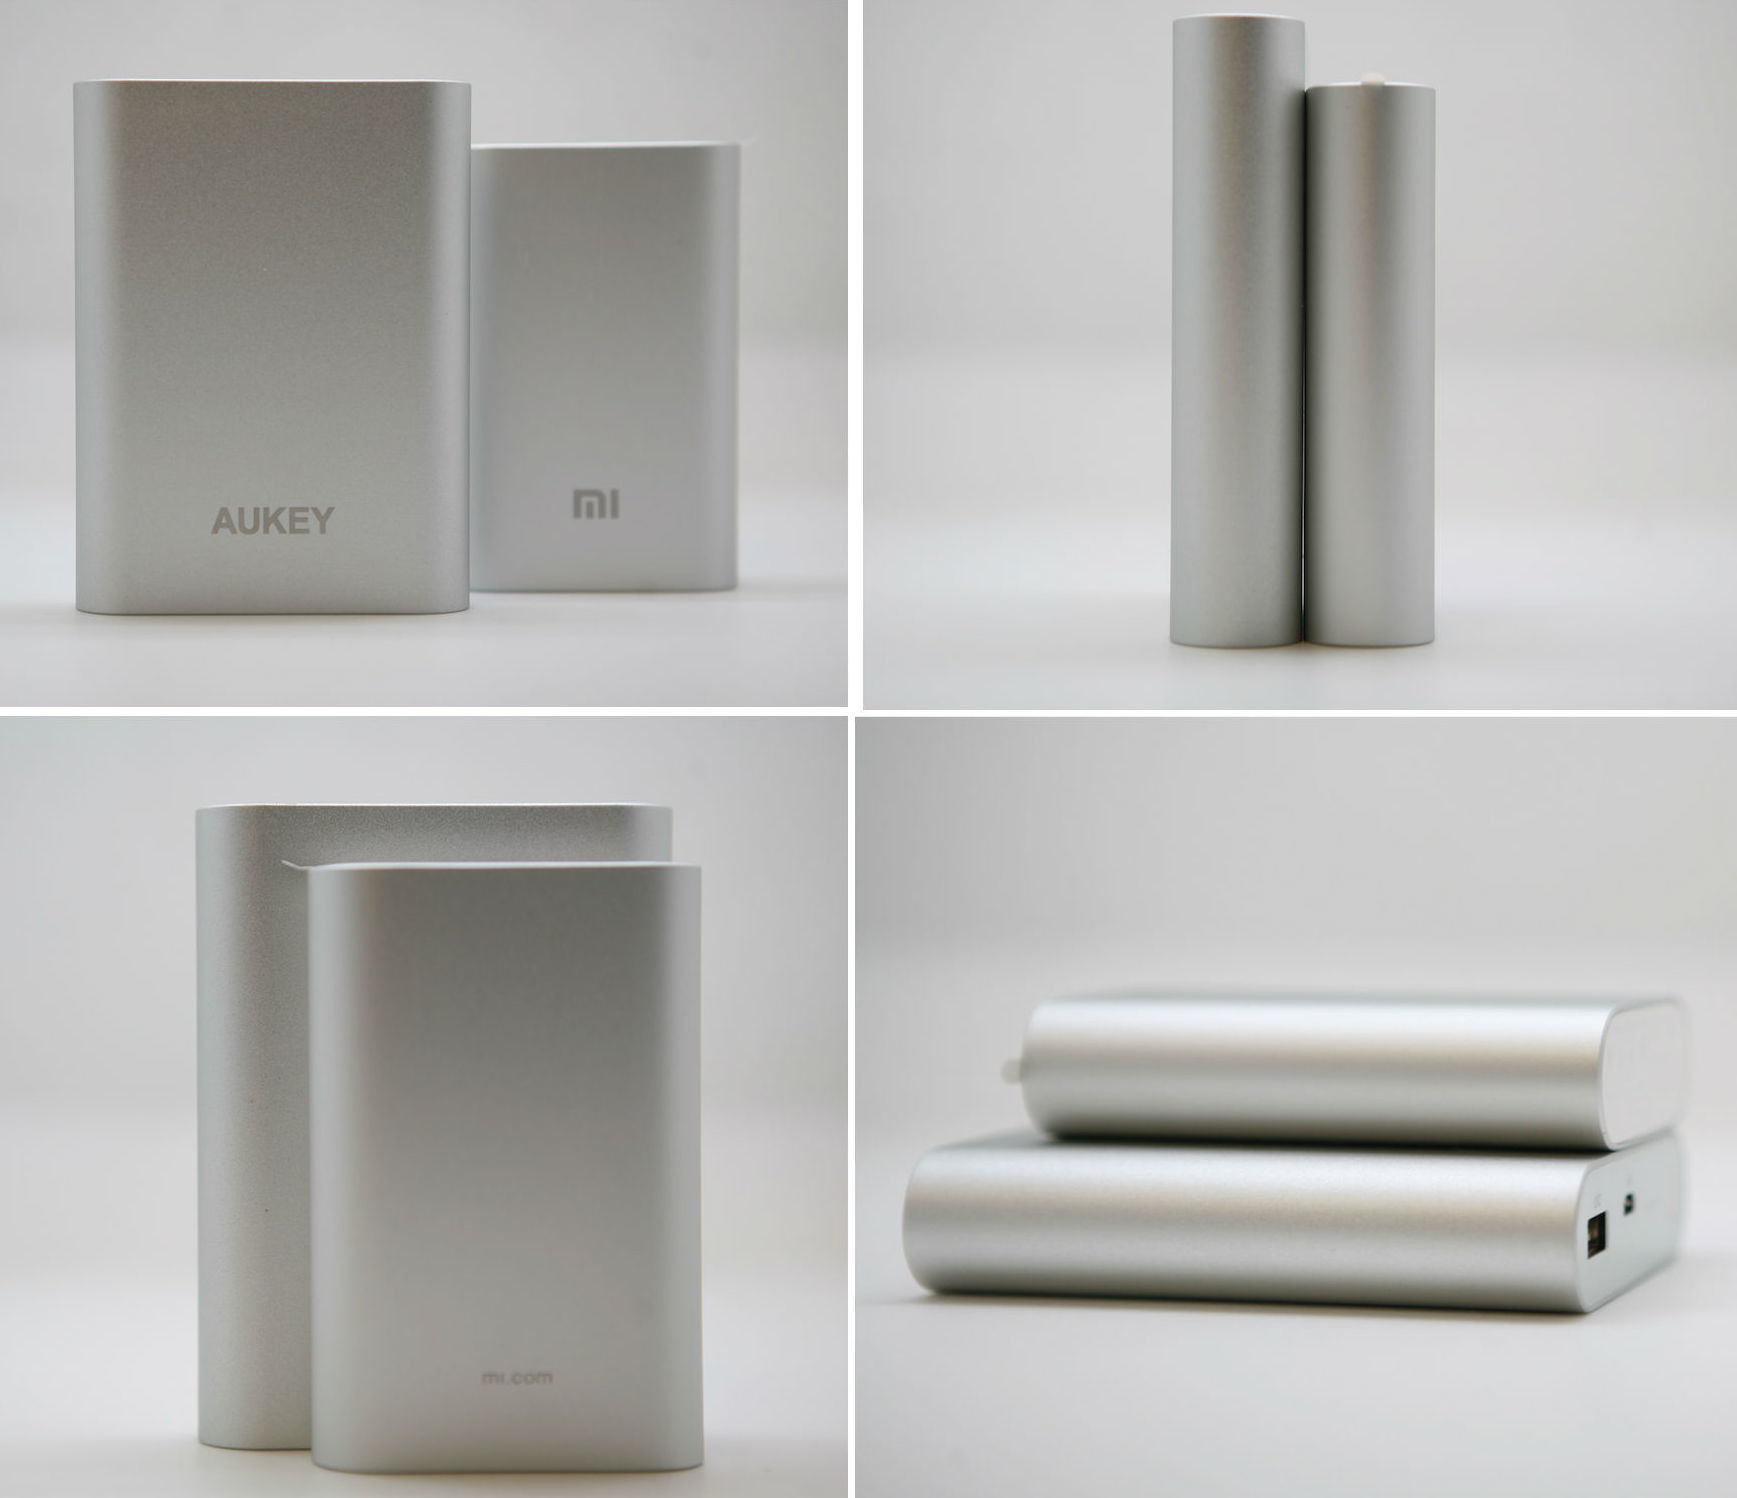 Power Bank-конкурент Xiaomi с функцией быстрой зарядки: 30% за 26 минут - 2